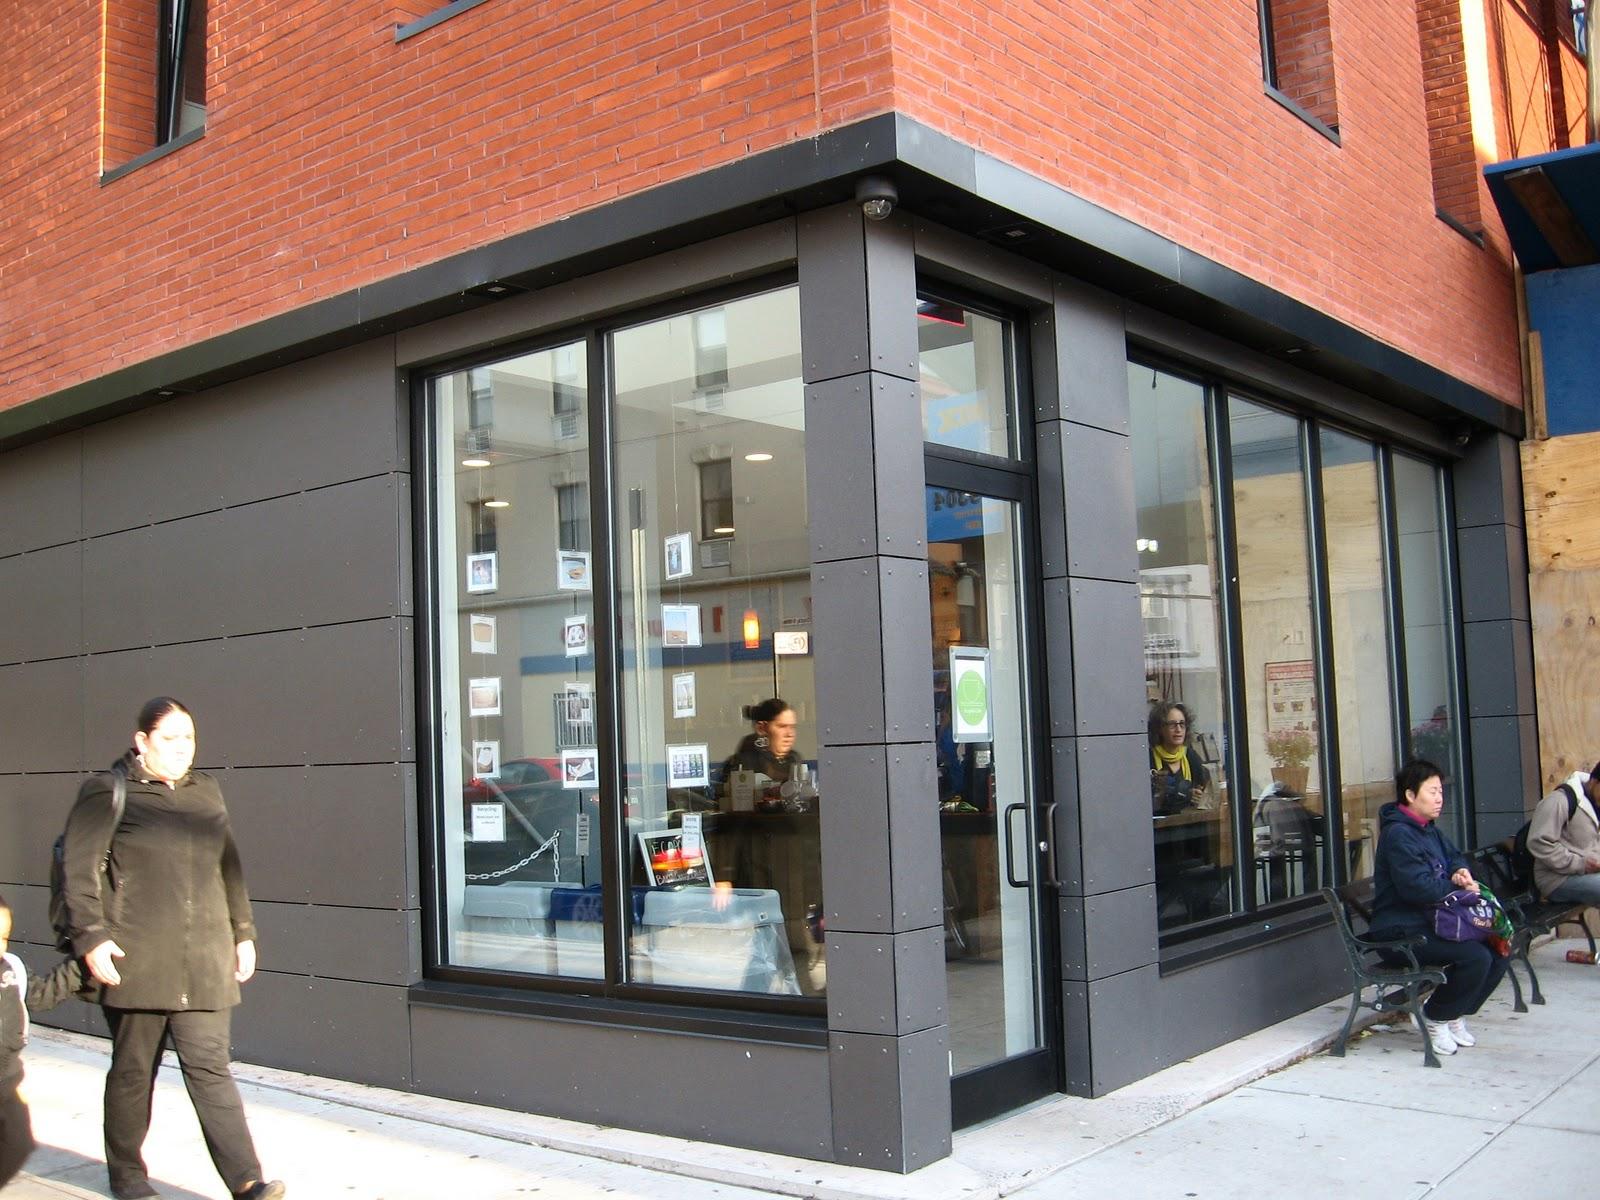 http://1.bp.blogspot.com/_GTU_nOCsE-s/TL-2gge1TBI/AAAAAAAAG7s/myDM5nuU7Co/s1600/ecopolis_cafe_MKMetz.jpg